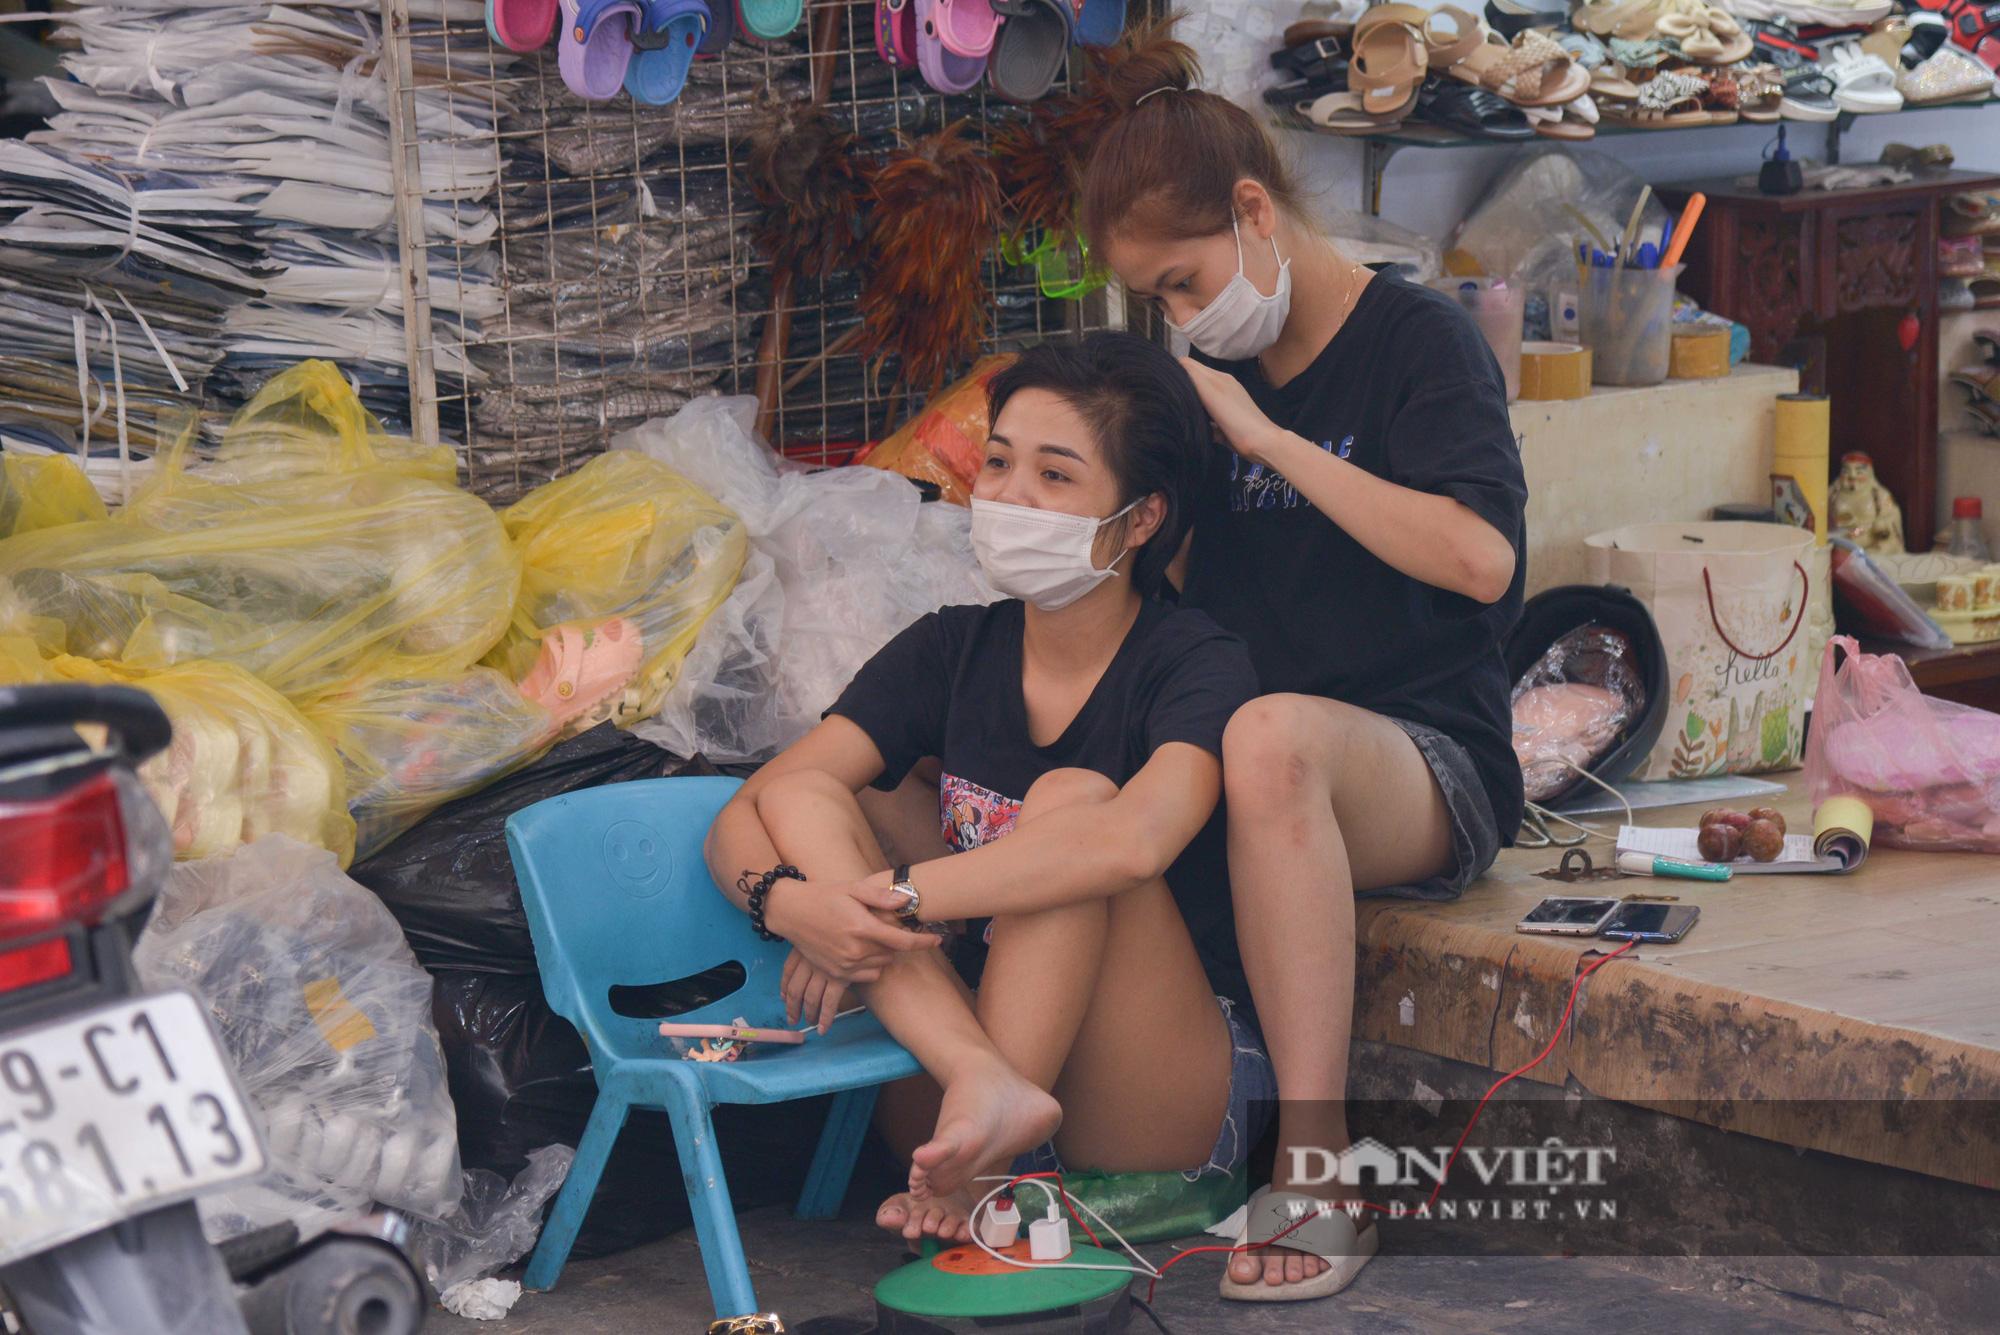 Chợ Đồng Xuân đìu hiu giữa đại dịch Covid-19 - Ảnh 6.